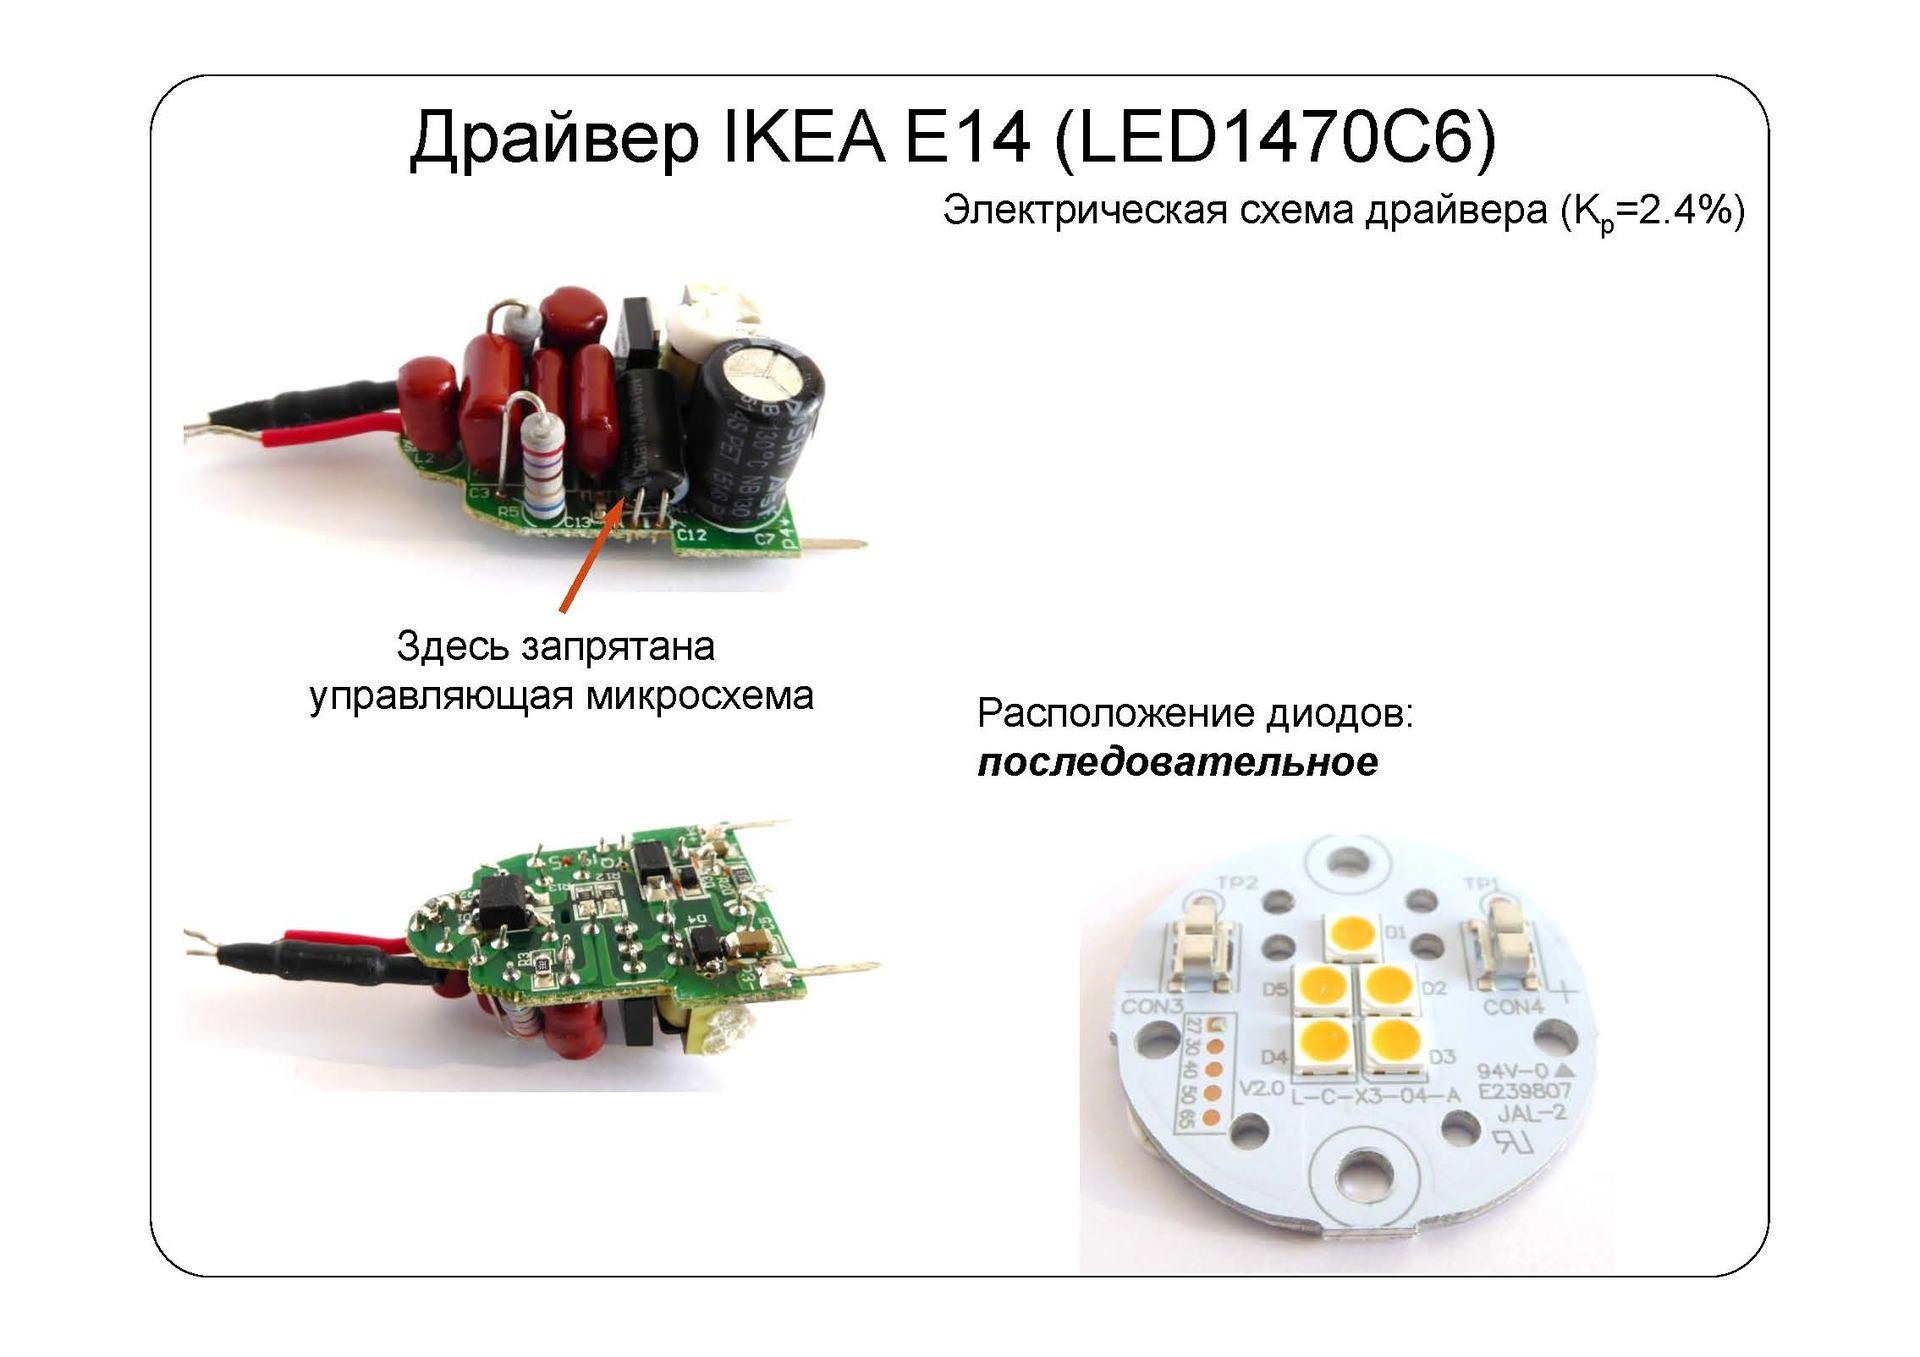 Взгляд изнутри: IKEA LED наносит ответный удар - 12